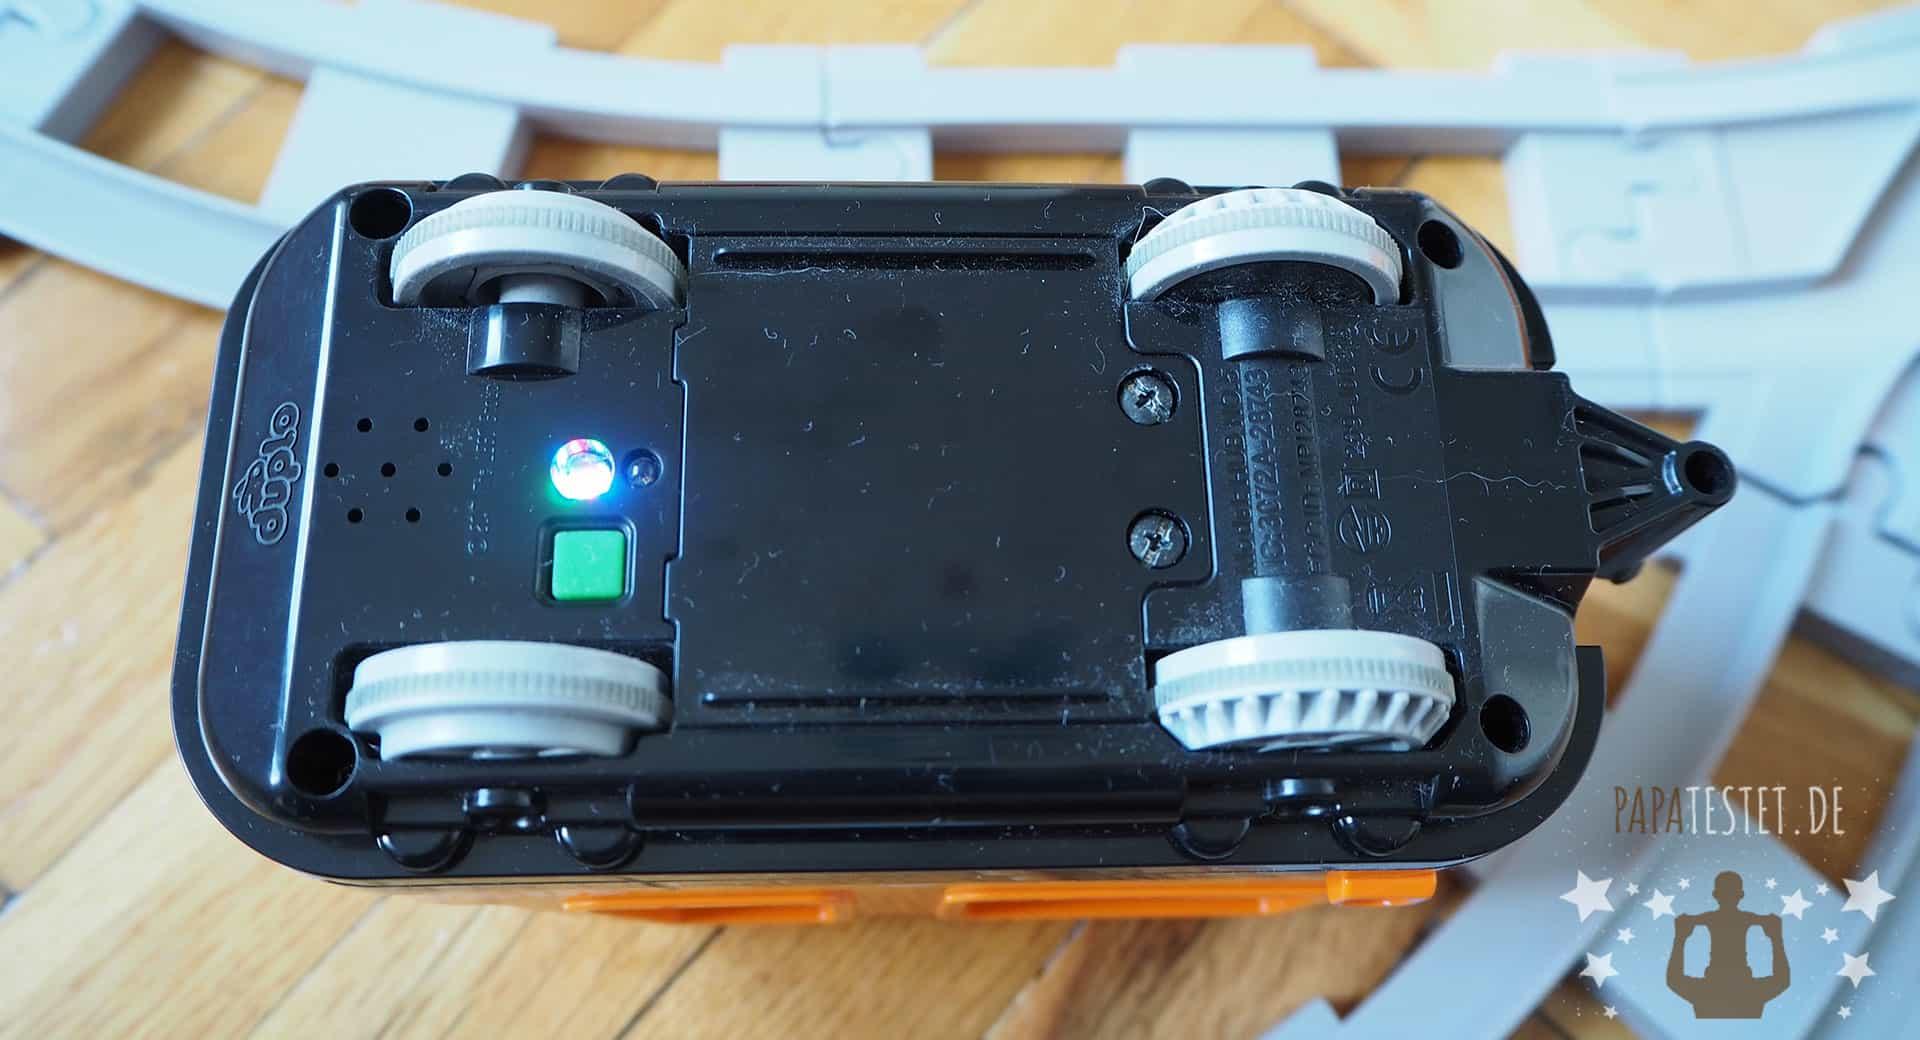 Die Duplo-Lok von unten mit Sensor, Power-Taste und Fach für Batterien